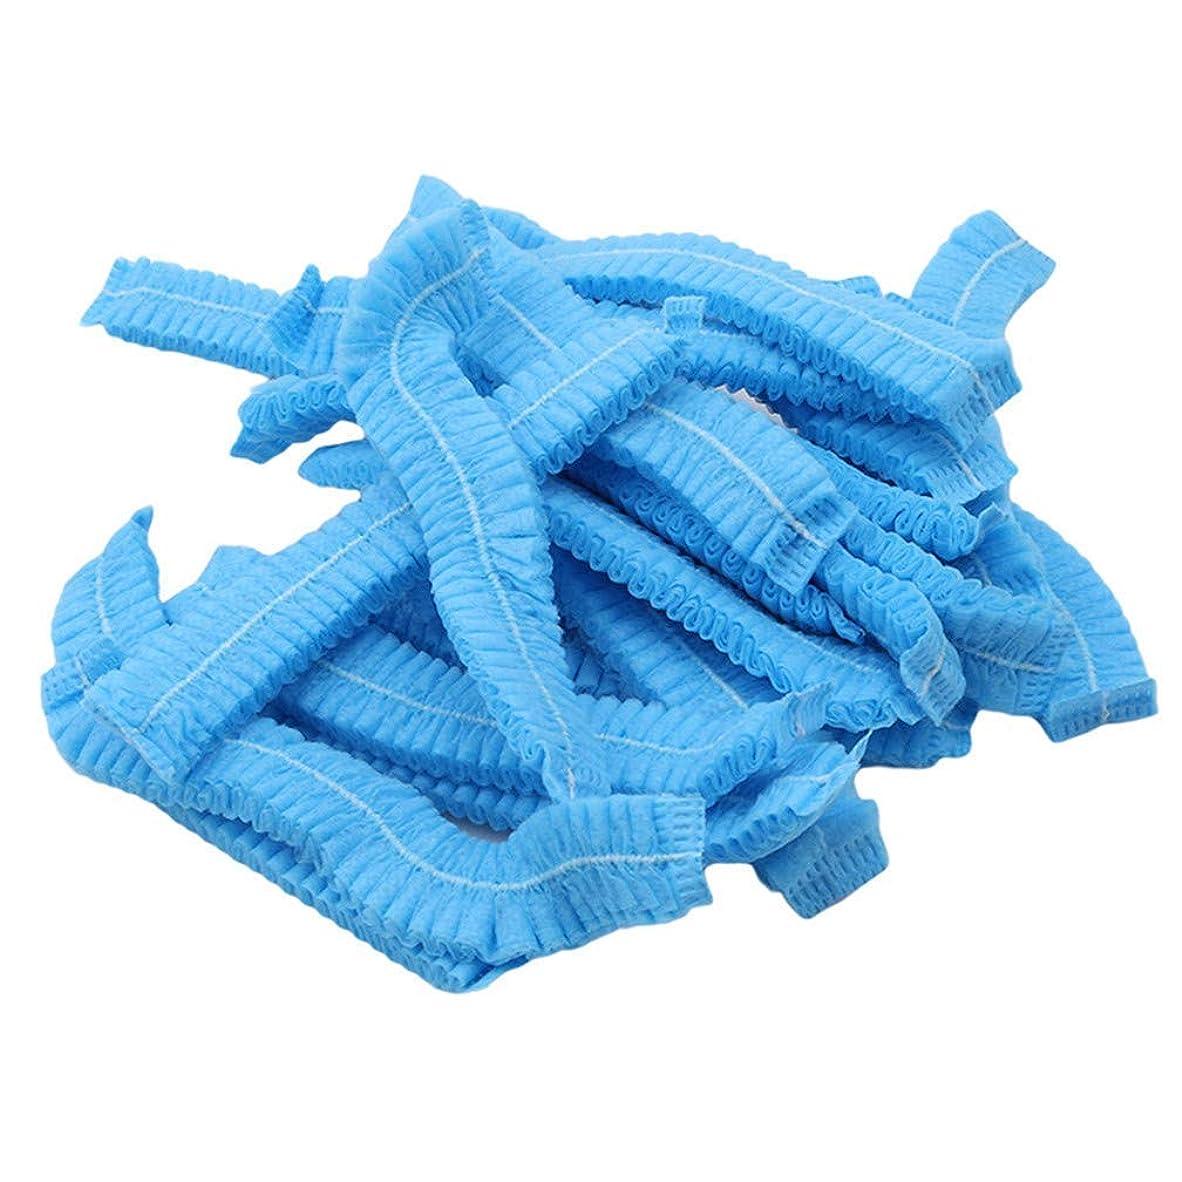 ロンドン掃除あなたは1st?market 耐久性のある100ピース不織布使い捨てシャワーキャッププリーツアンチダスト帽子女性男性風呂キャップ用スパヘアーサロン美容アクセサリー、ブルー